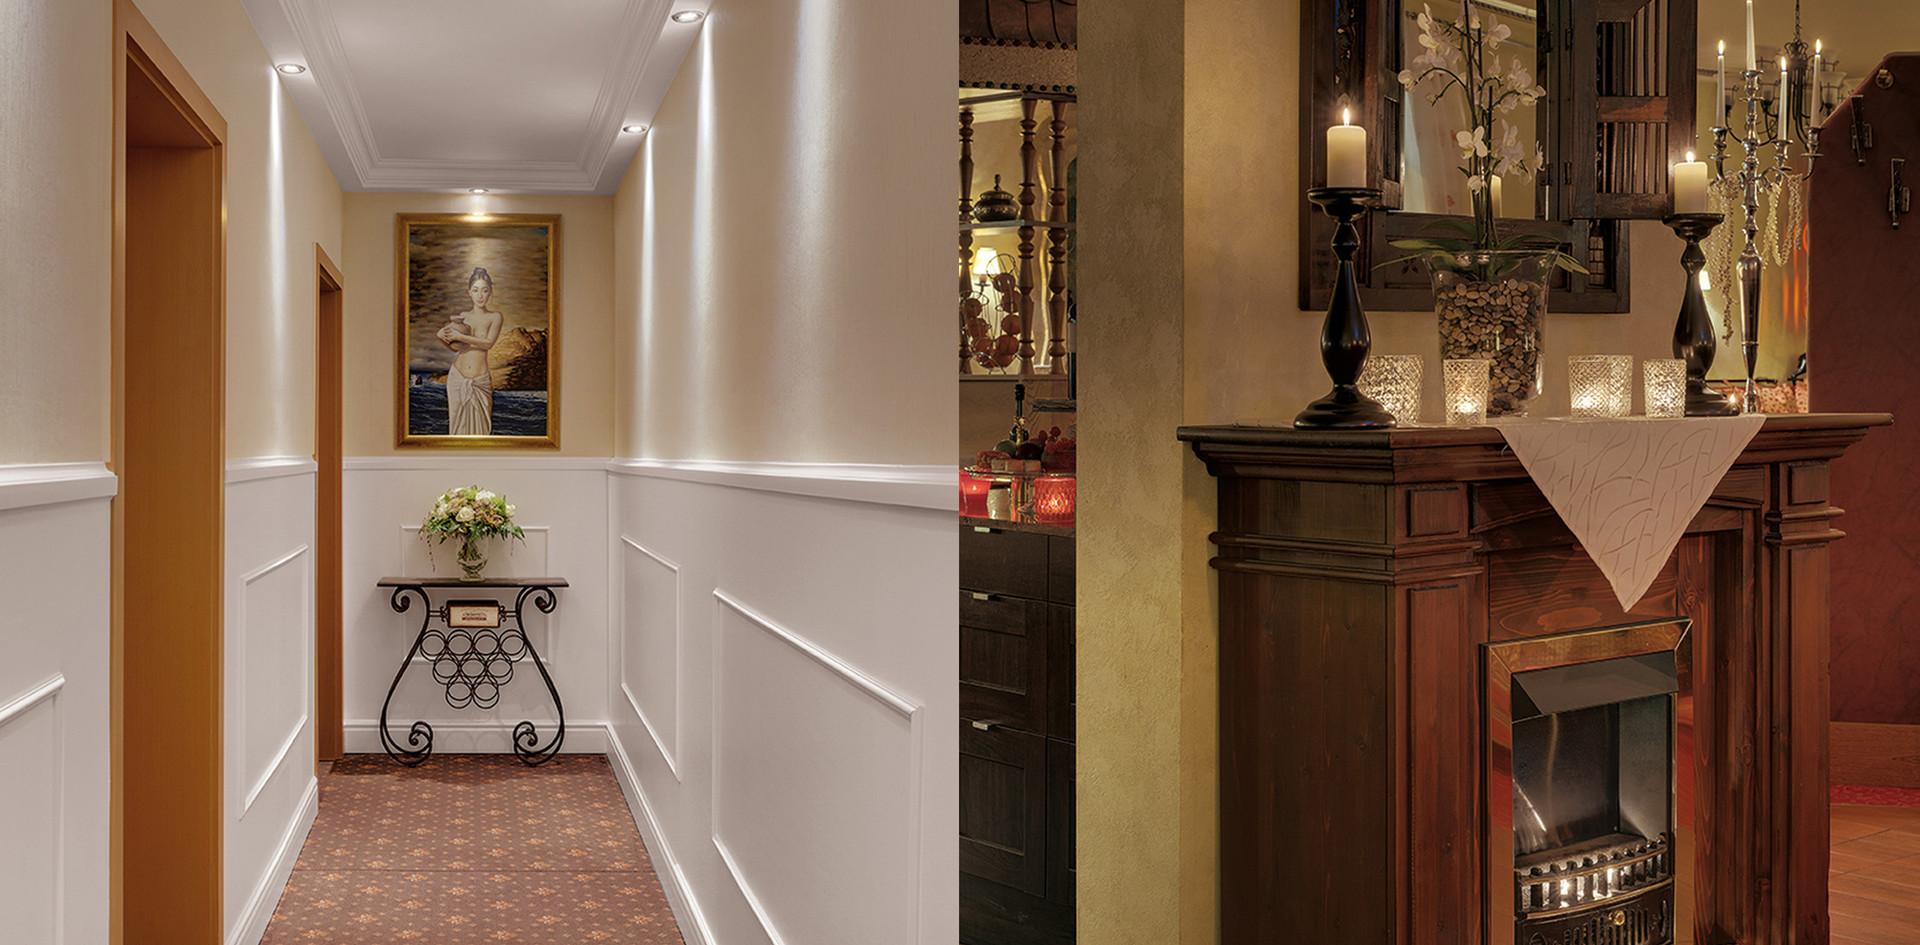 Flur und Kamin Hotel Wegner the culinary art hotel